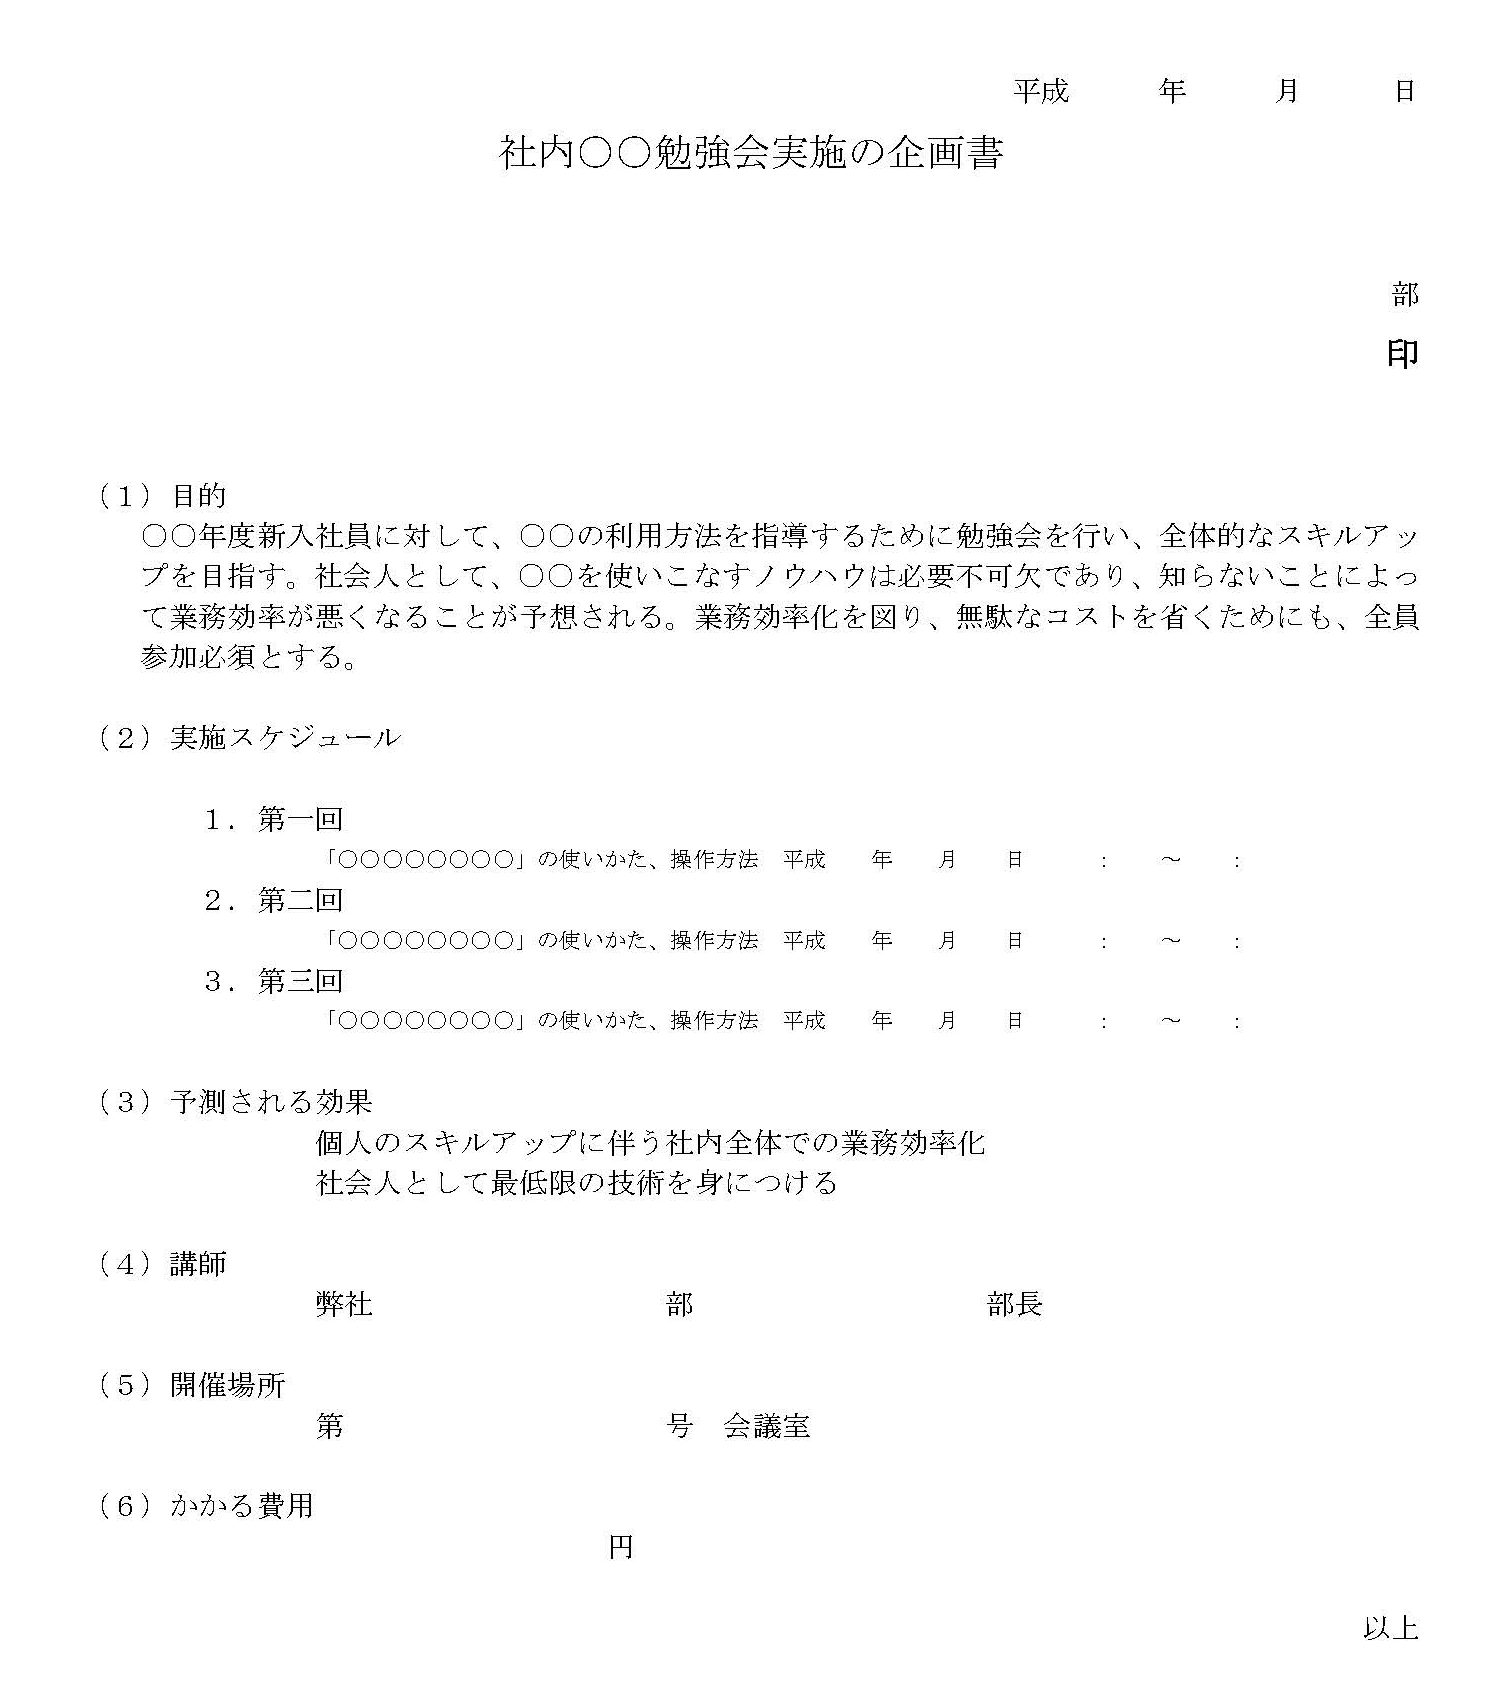 社内勉強会実施の企画書